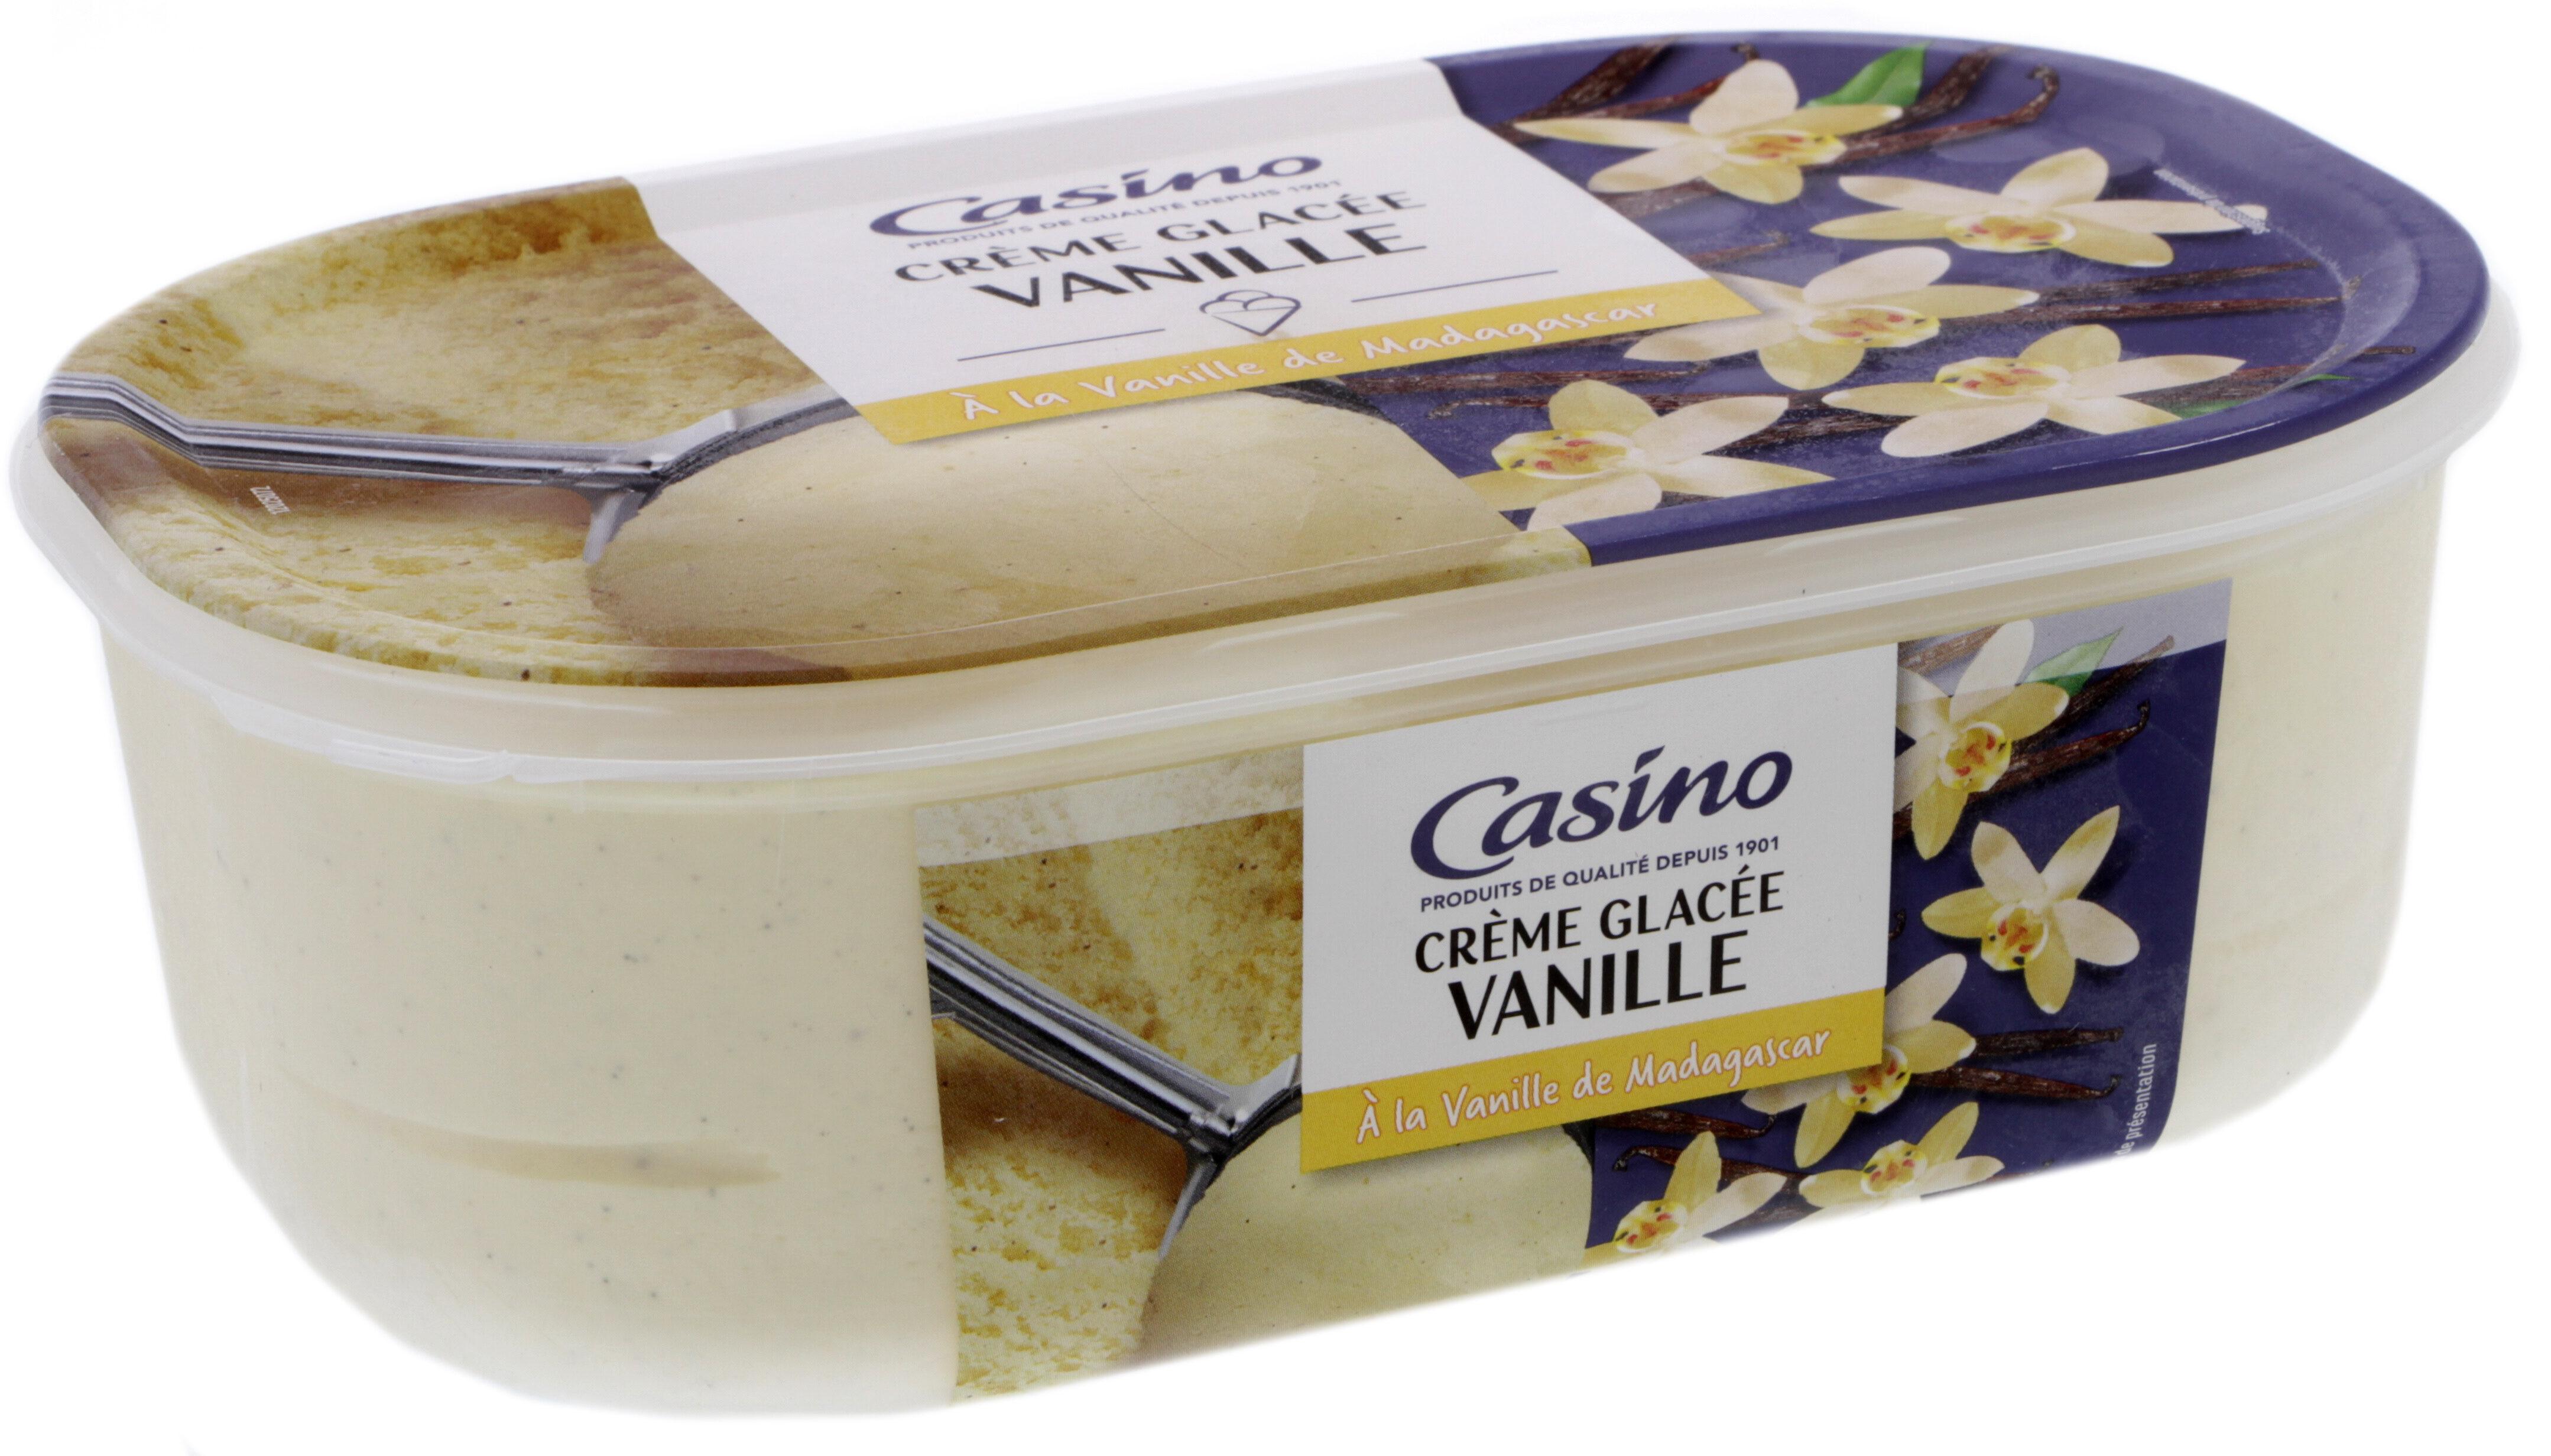 Crème glacée Vanille - A la vanille de Madagascar - Product